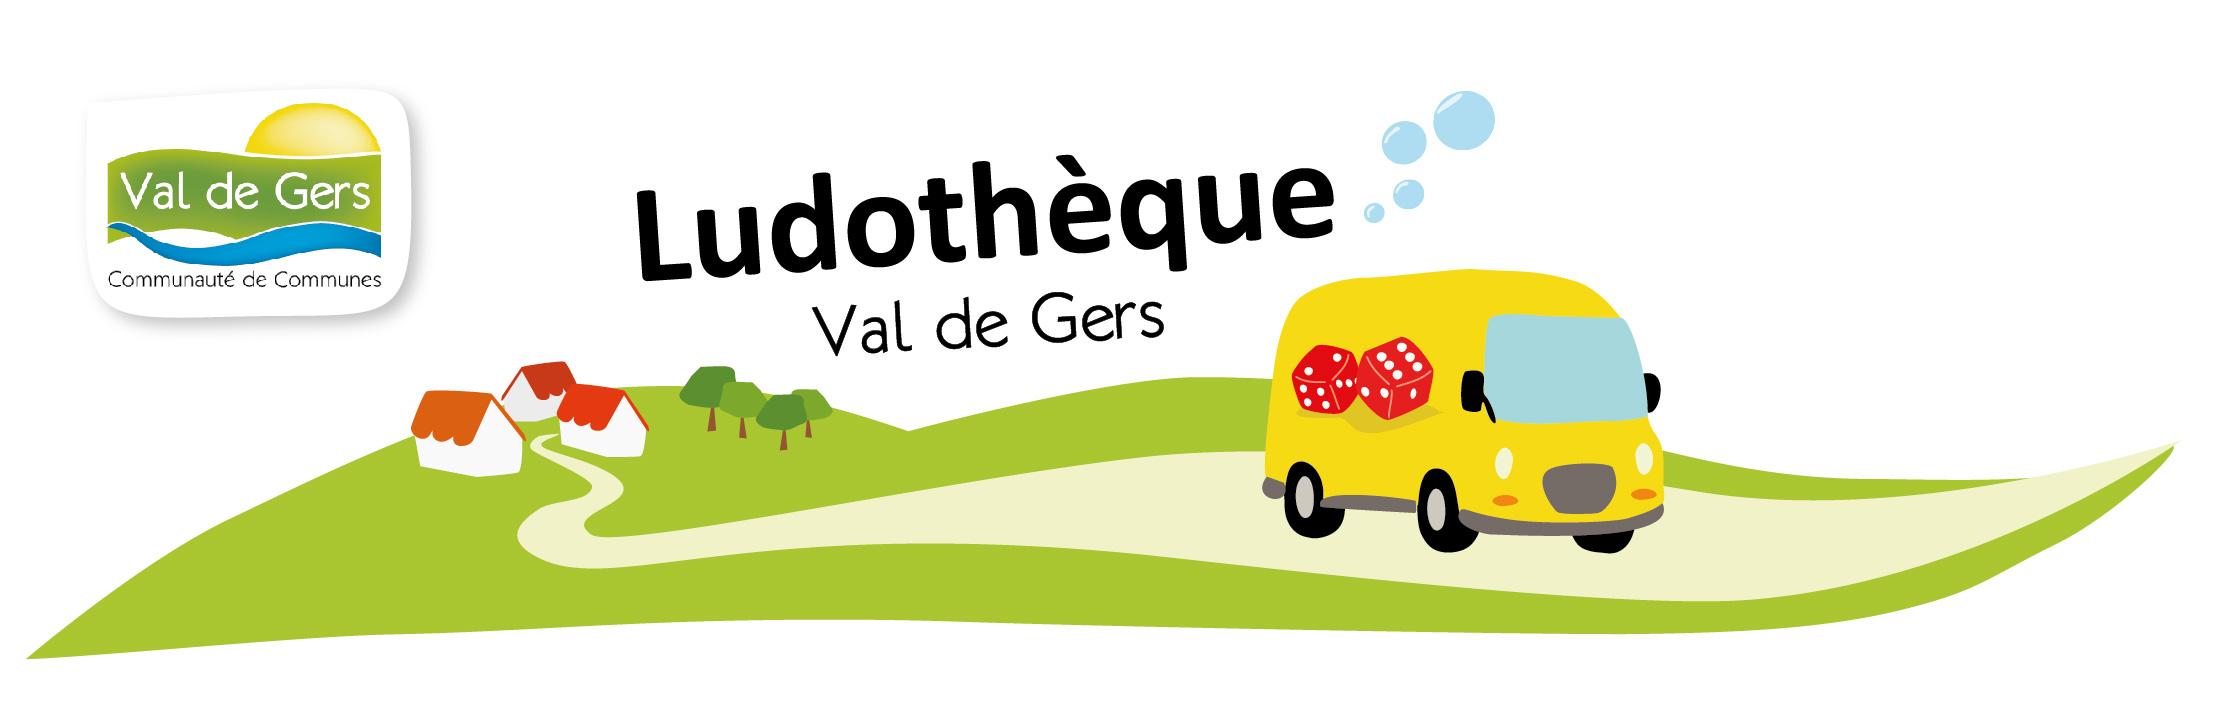 Ludothèque Val de Gers